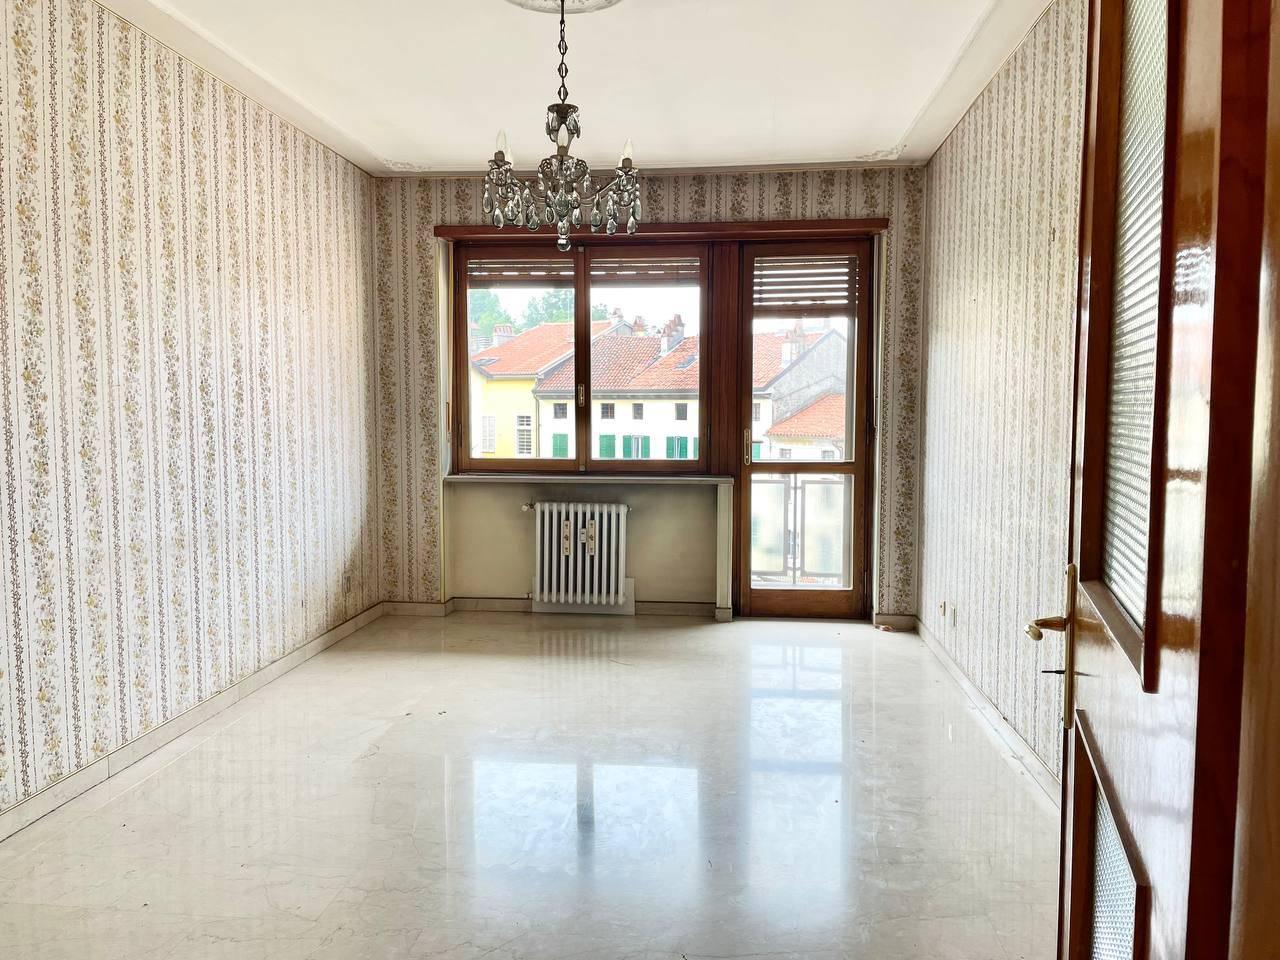 Appartamento in vendita a Ivrea, 5 locali, prezzo € 109.000 | PortaleAgenzieImmobiliari.it